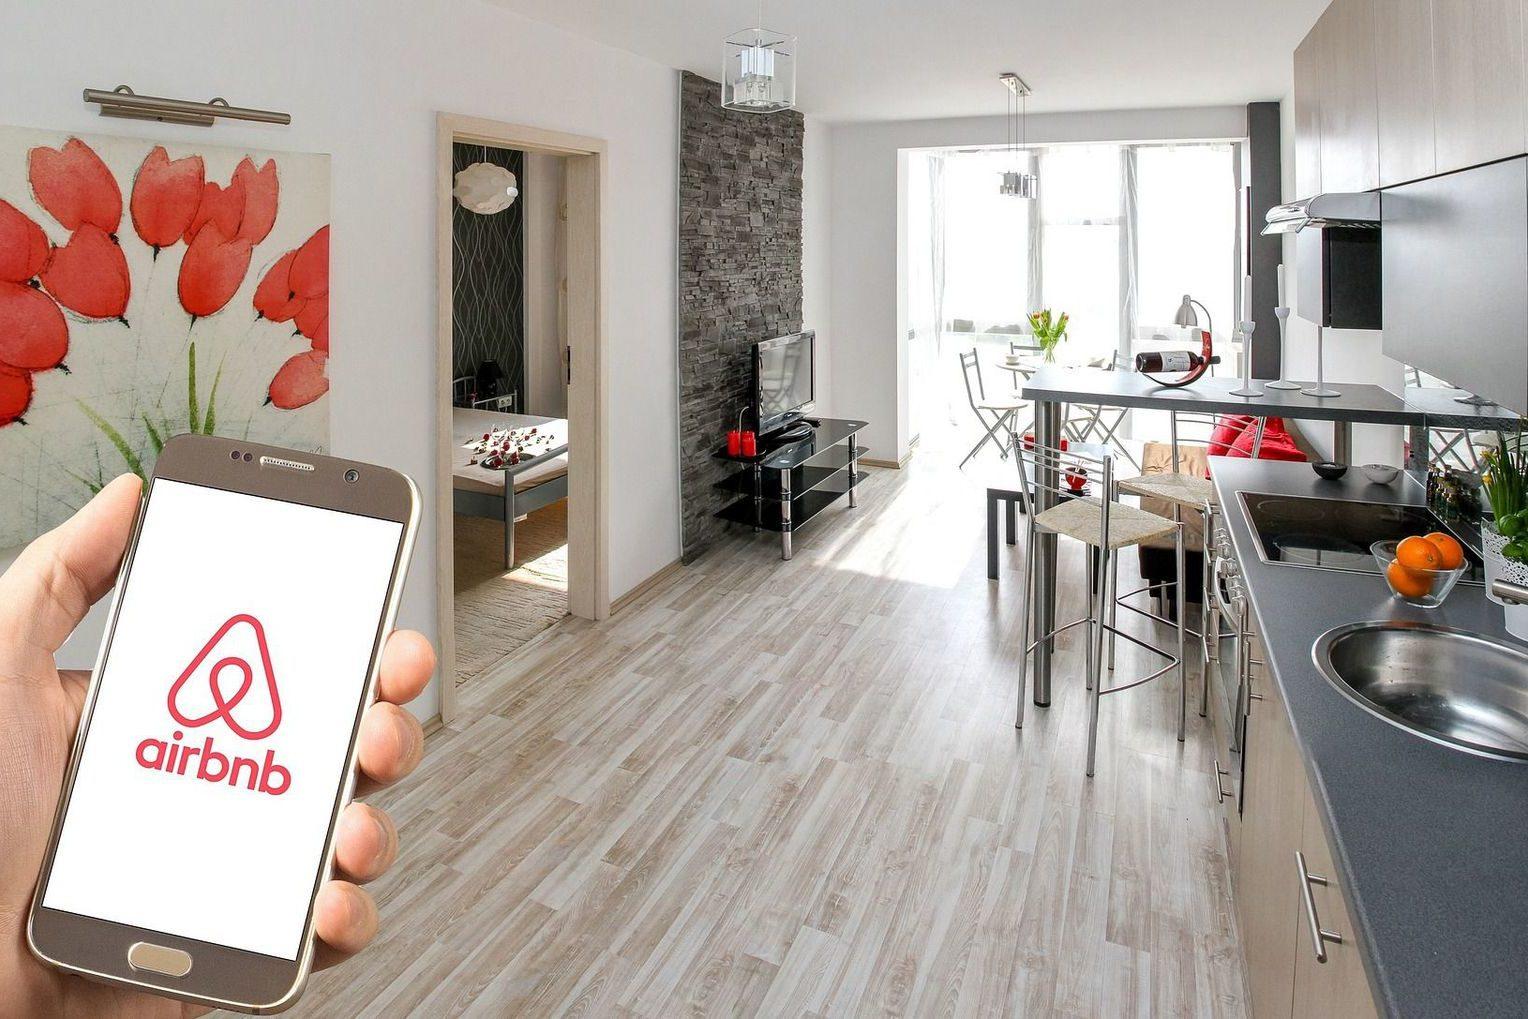 Familia encuentra cámara escondida en cuarto de Airbnb que transmitía en vivo